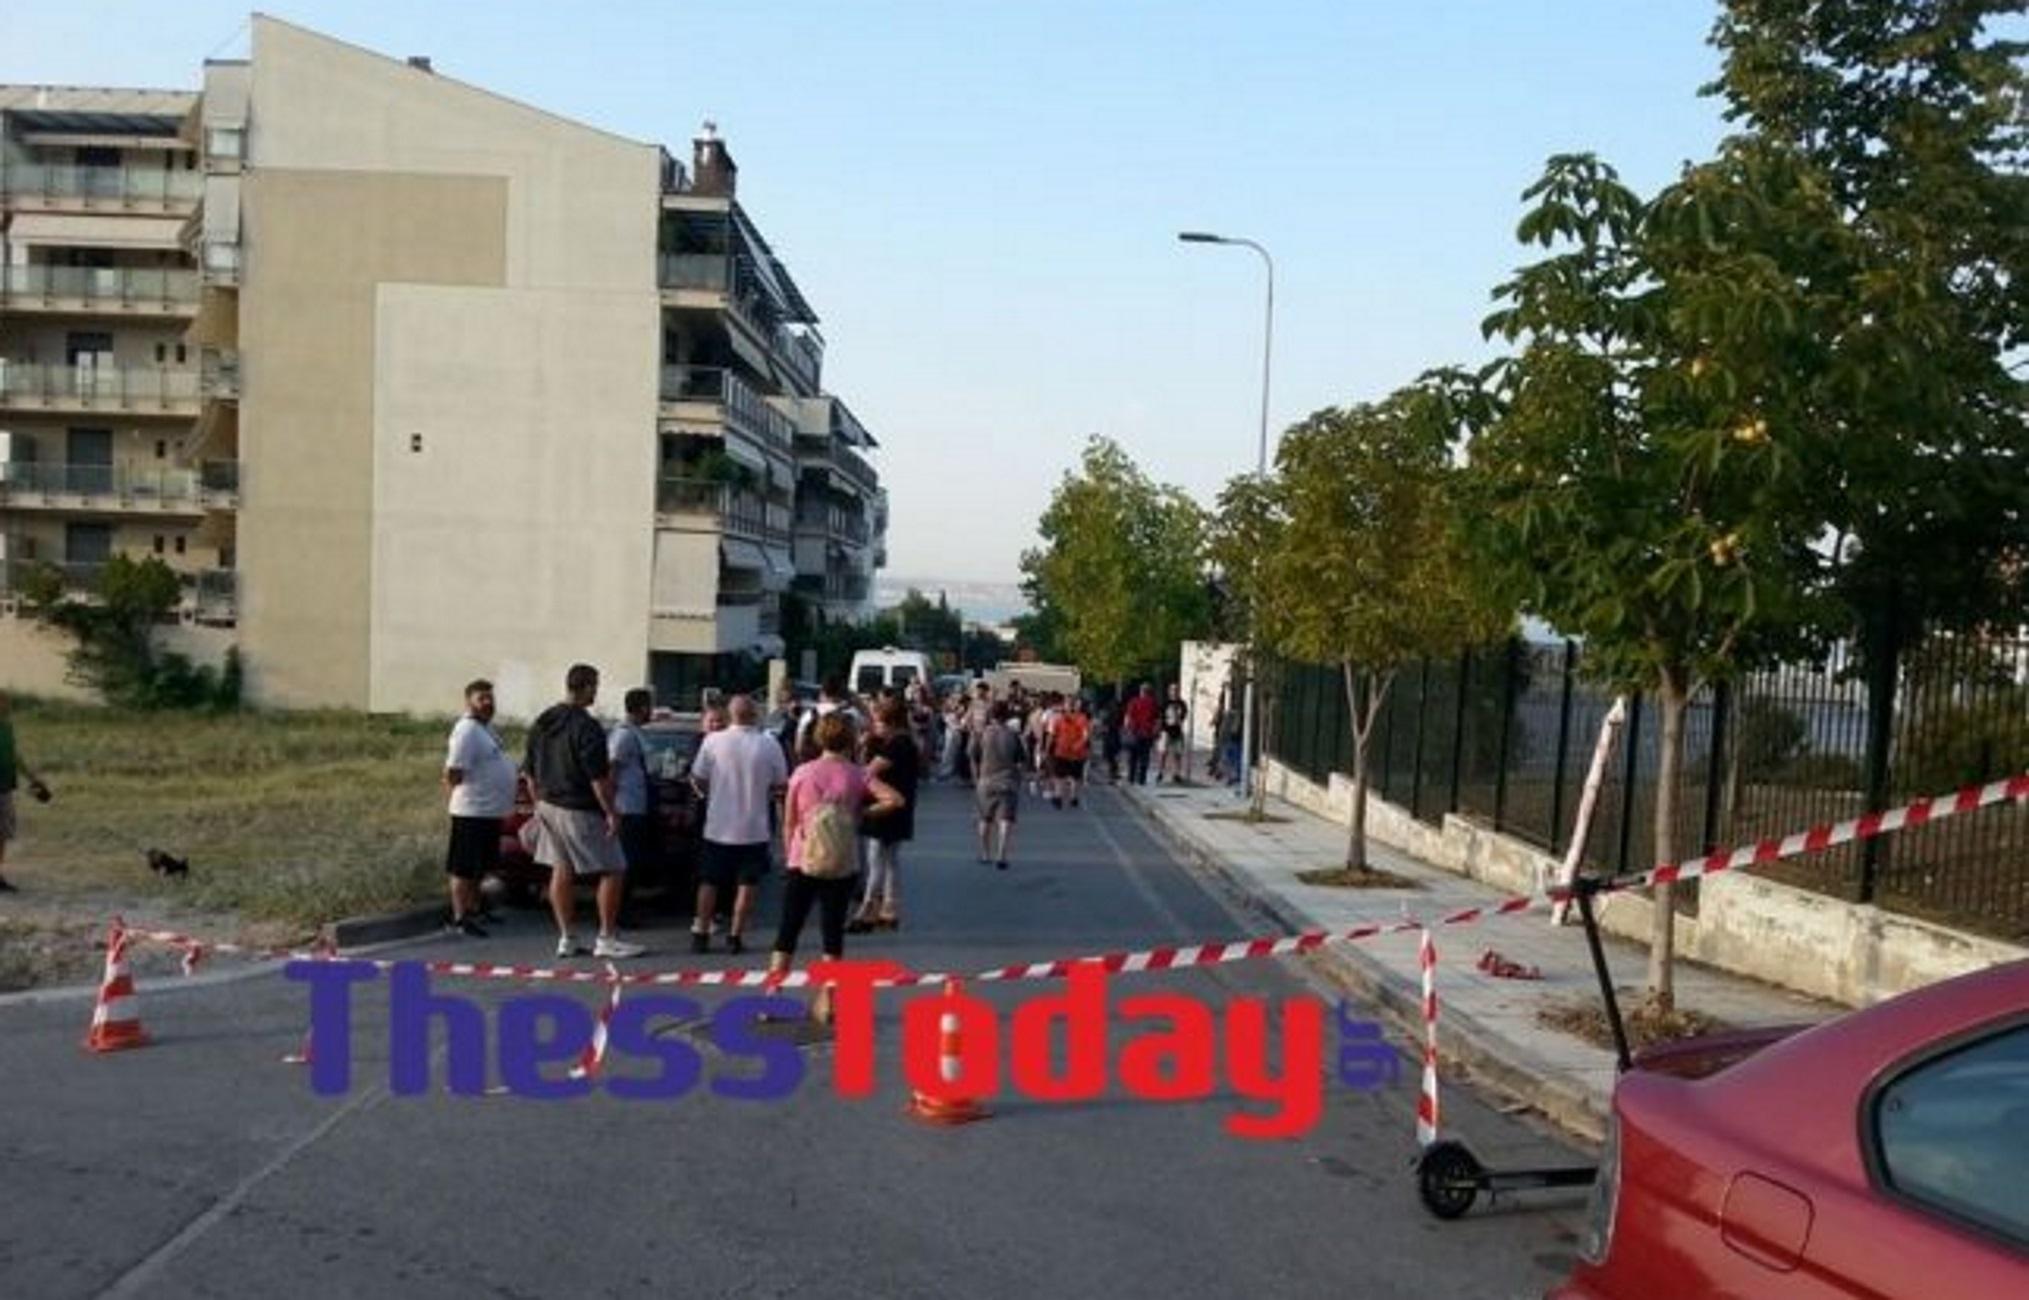 Θεσσαλονίκη: Καζάνι που βράζει το υπό κατάληψη σχολείο στην Καλαμαριά! ΜΑΤ ξανά απέναντι σε γονείς (Βίντεο)